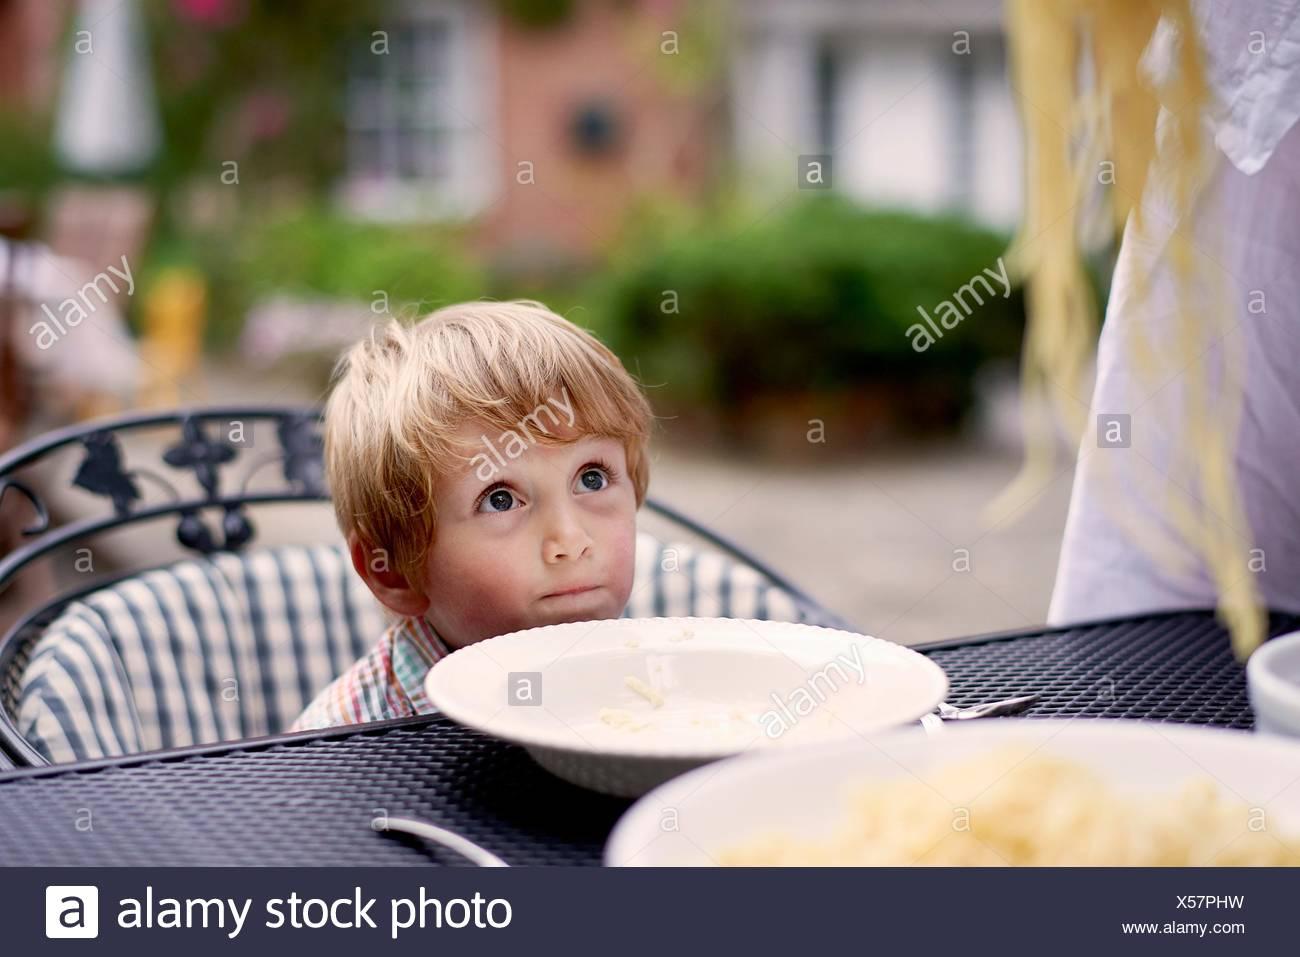 Junge sitzt am Gartentisch warten auf Spaghetti serviert werden Stockbild